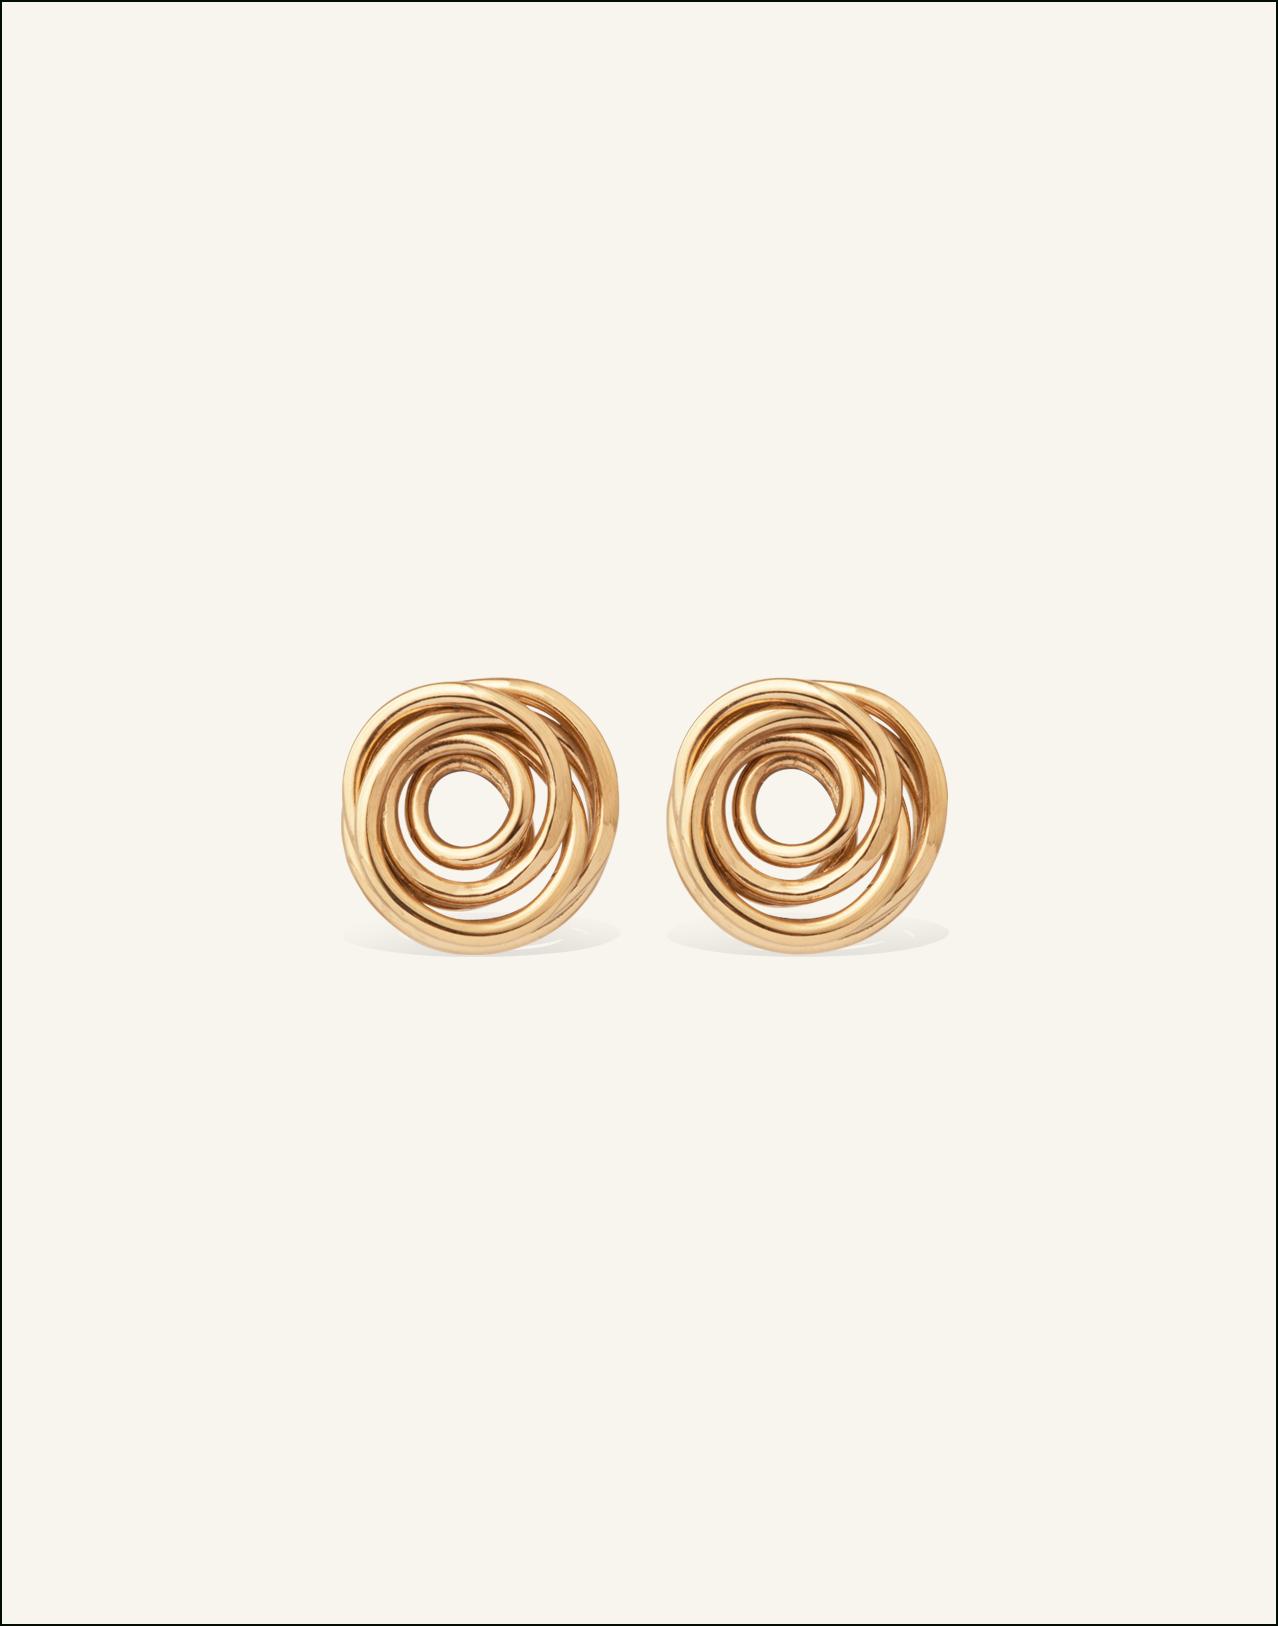 Completedworks-Earrings-Hotel-Matisse-1-1.jpg